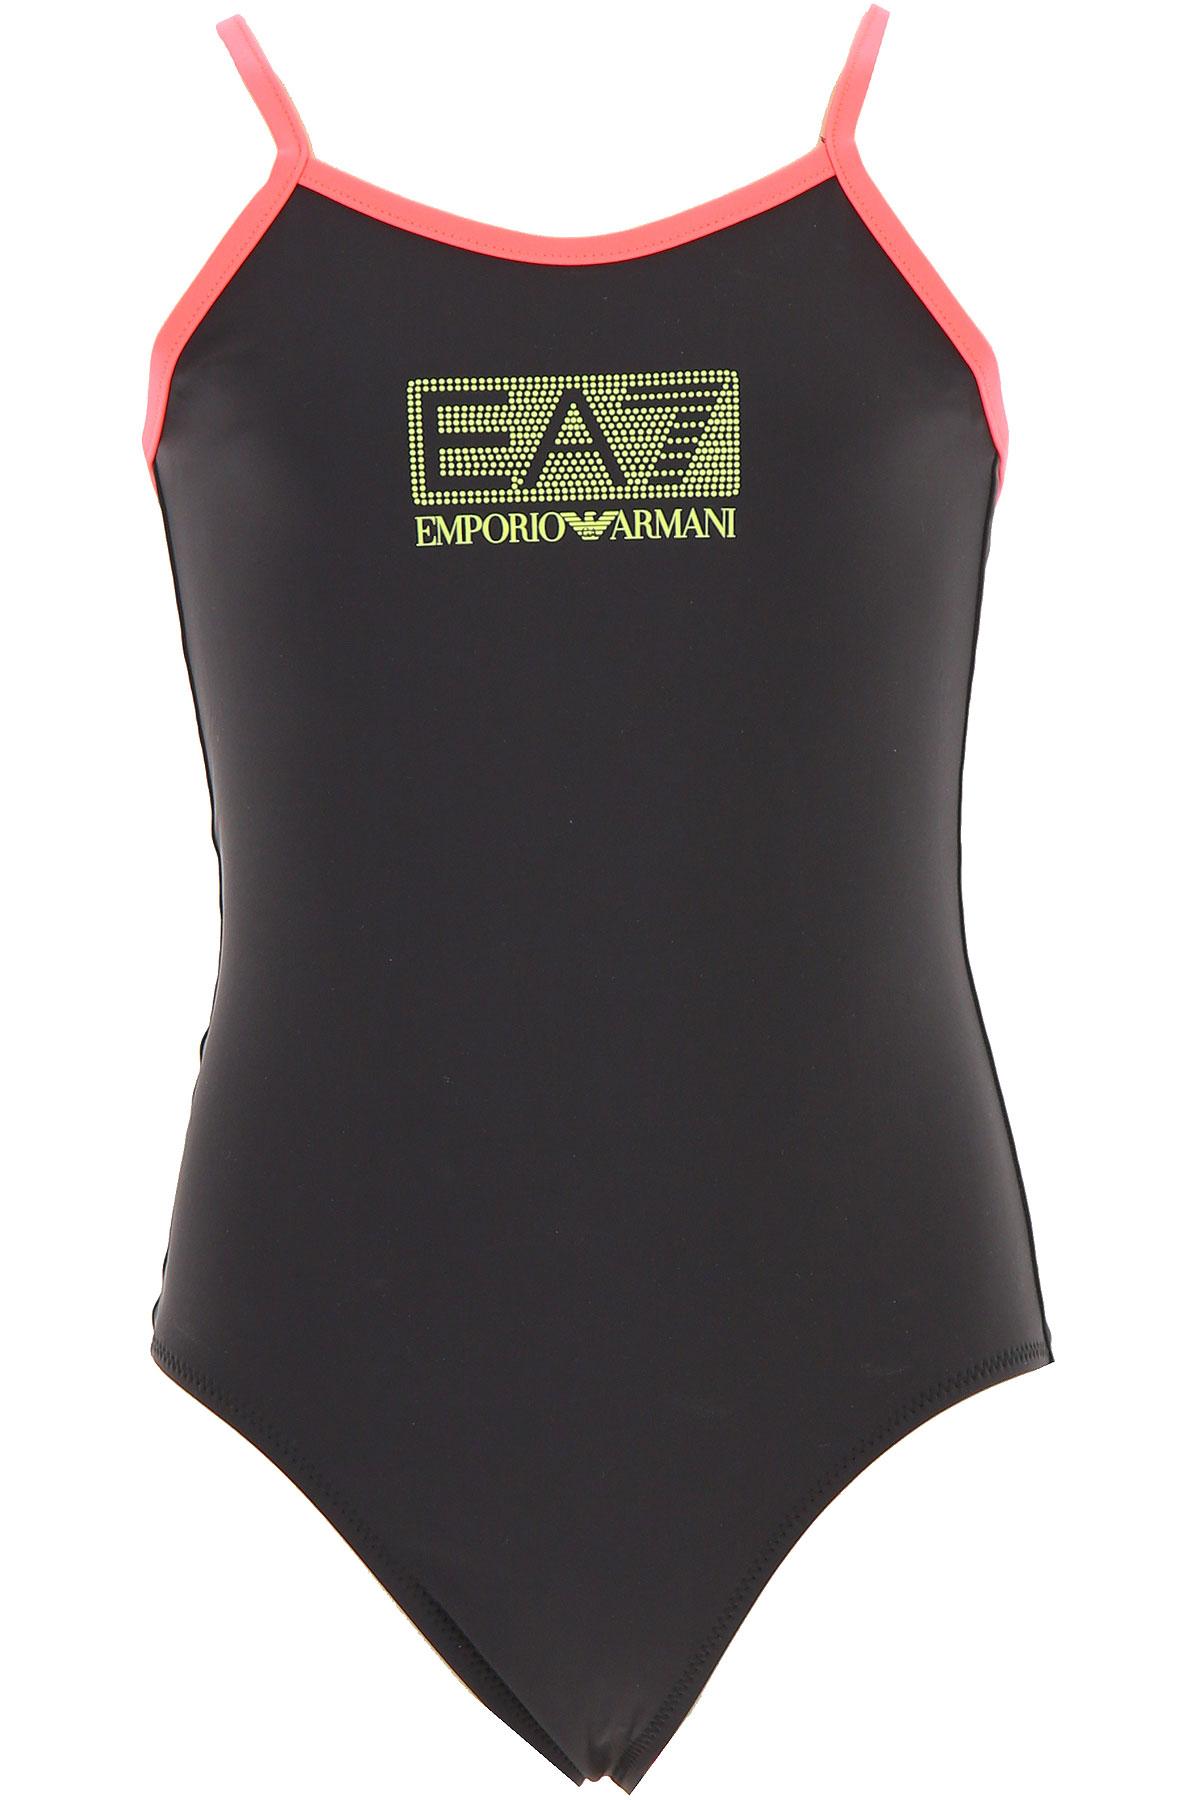 Image of Emporio Armani Swimwear On Sale, Black, polyamide, 2017, 10Y 14Y 4Y 6Y 8Y